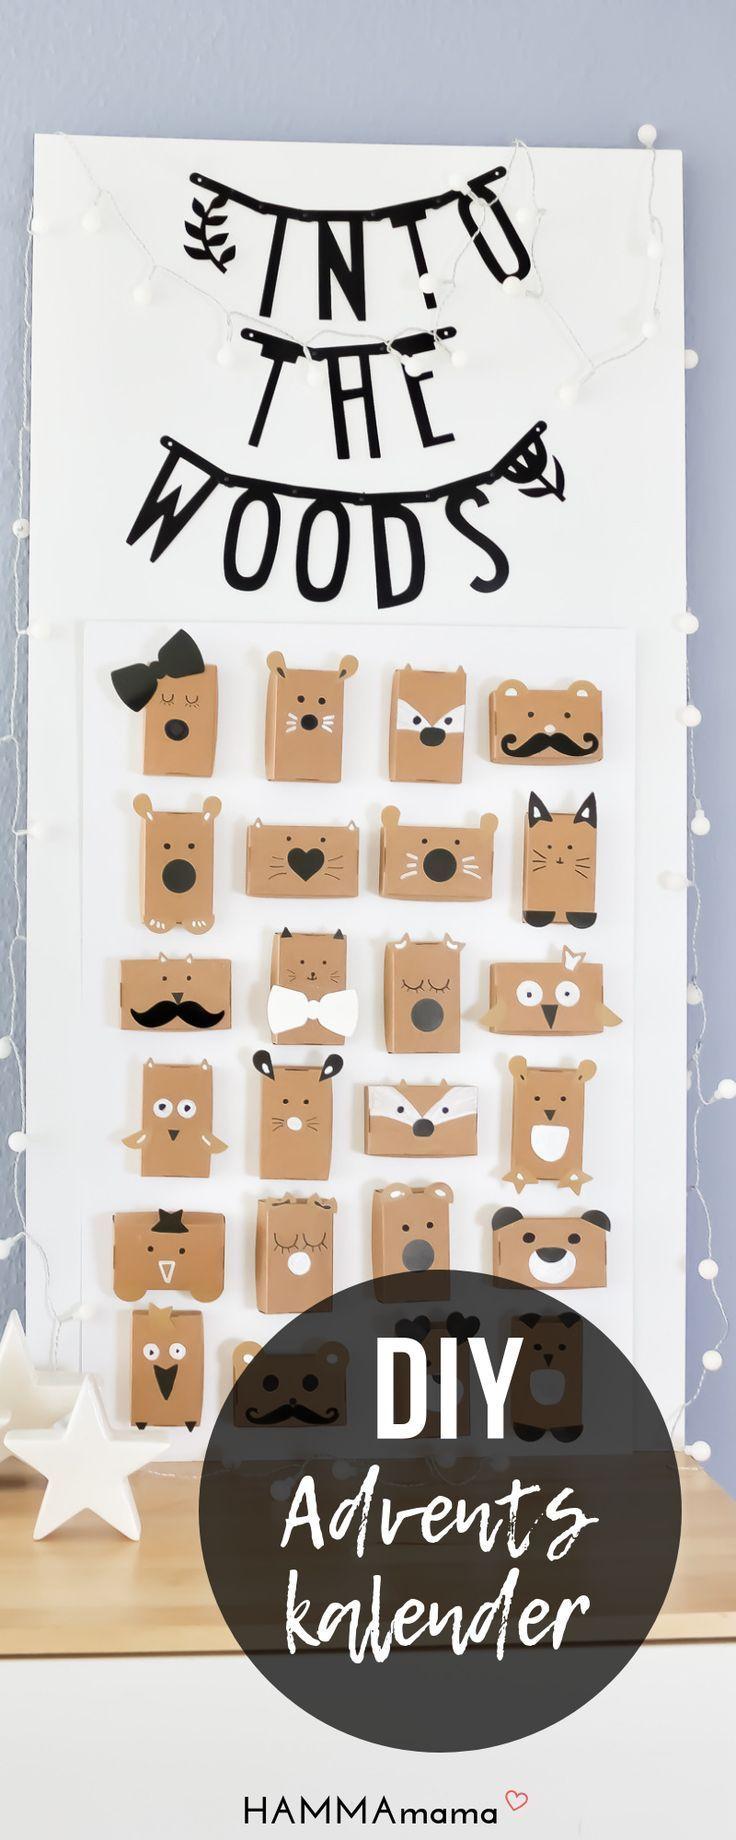 Créez des calendriers de l'avent pour Noël et fabriquez des animaux avec des boîtes en carton #skandinavischwohnen